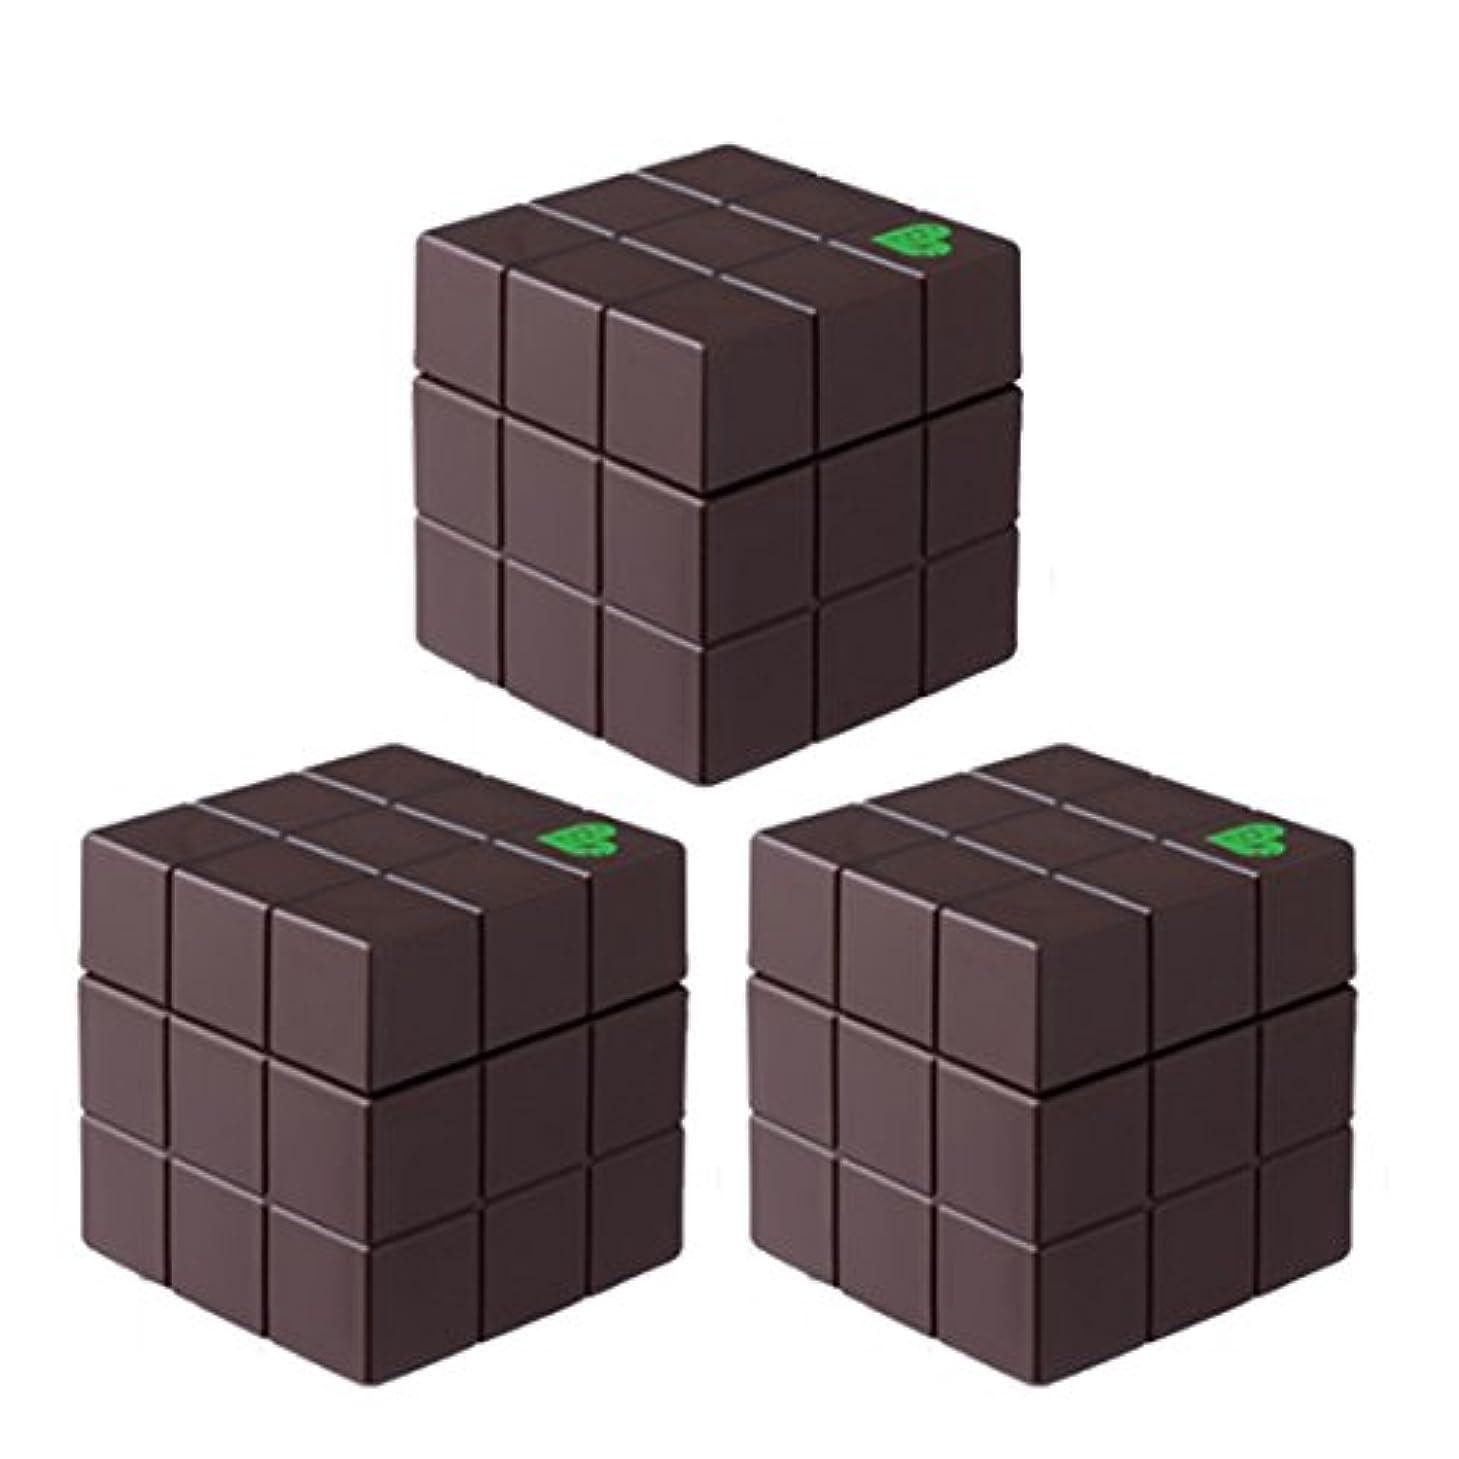 シャッフル同じ助言する【X3個セット】 アリミノ ピース プロデザインシリーズ ハードワックス チョコ 80g ARIMINO